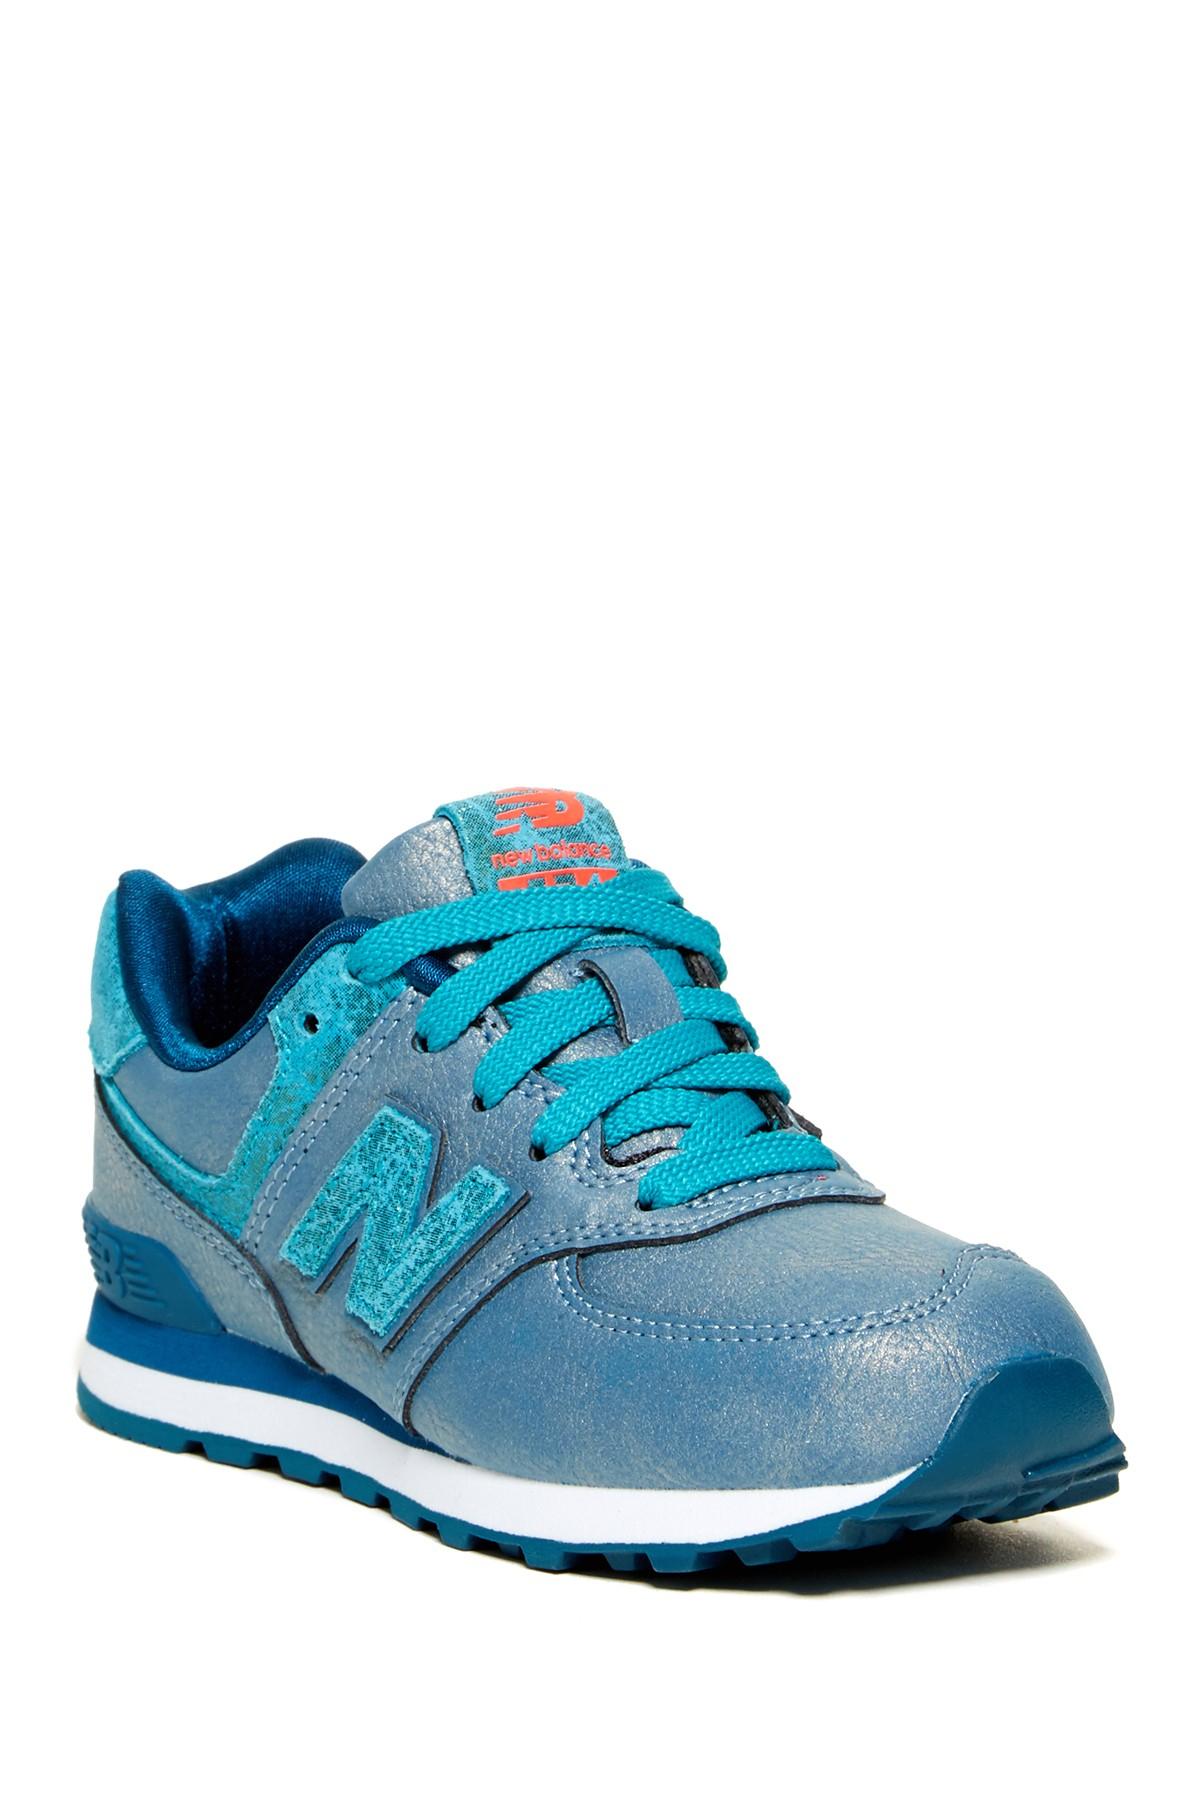 Lyst New Balance 574 Mineral Glow Sneaker Little Kid